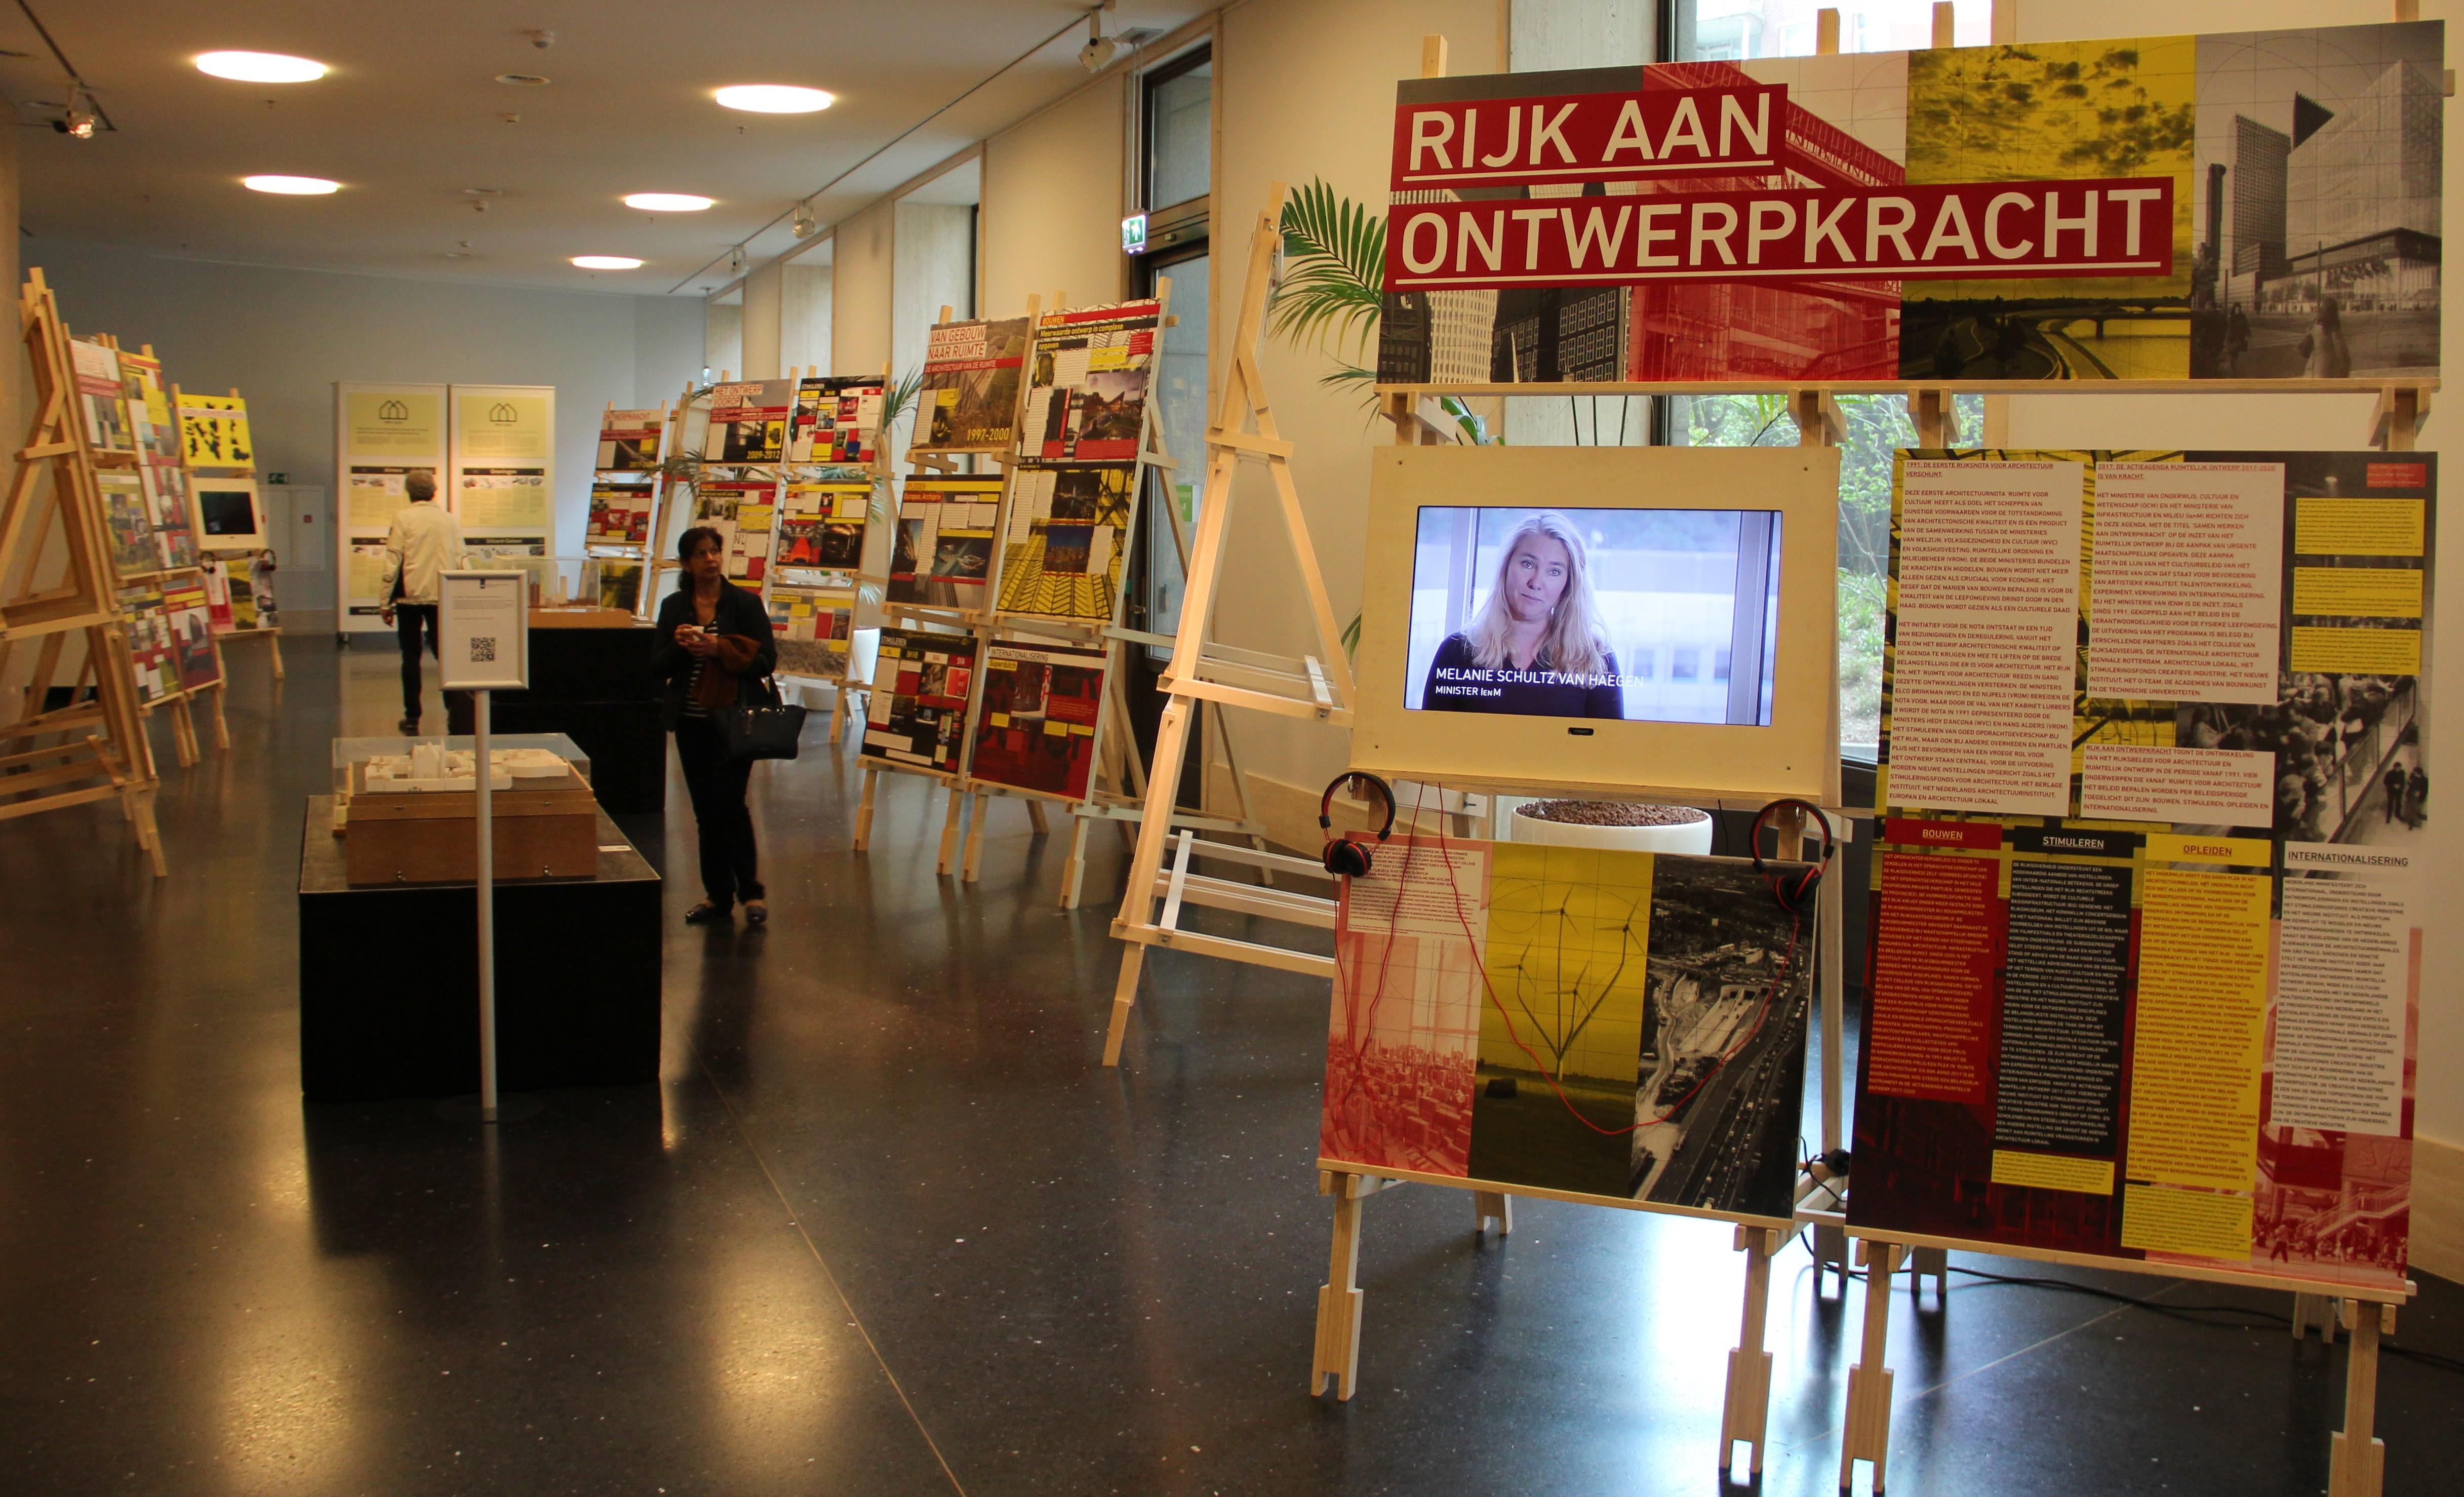 tentoonstelling Rijk aan ontwerpkracht in ministerie BZK